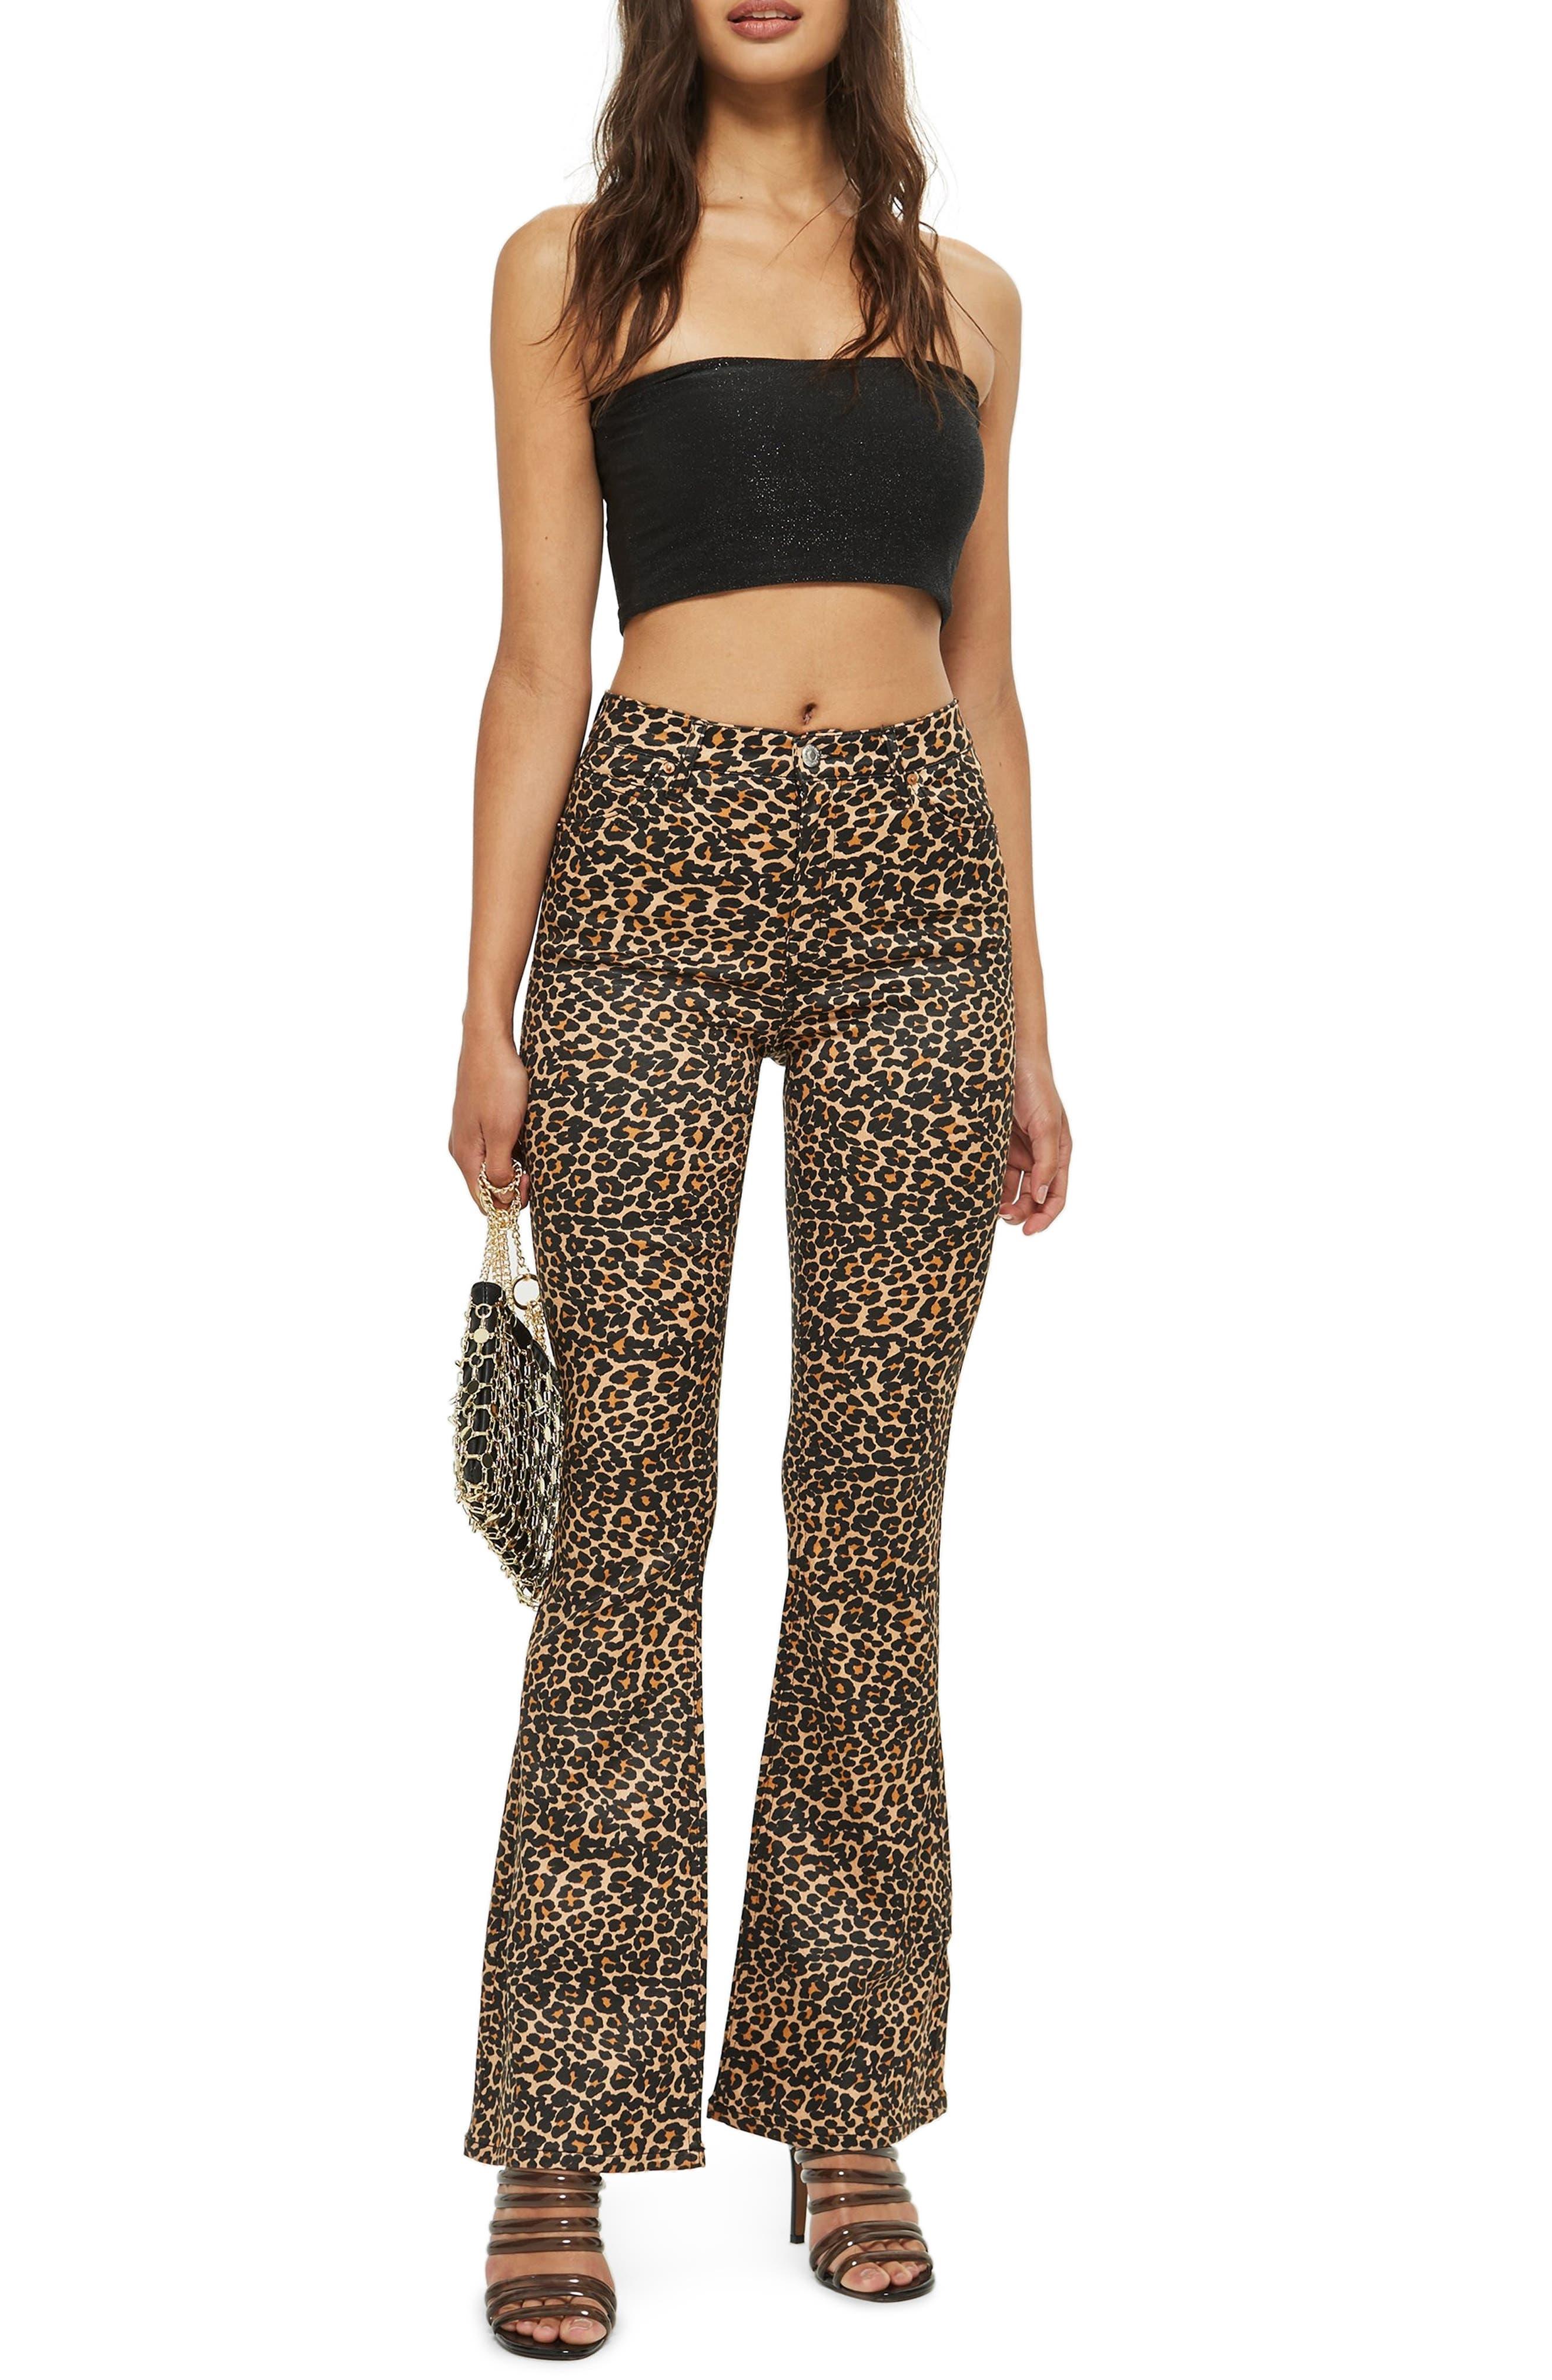 TOPSHOP, MOTO Leopard Print Flare Jeans, Main thumbnail 1, color, 200